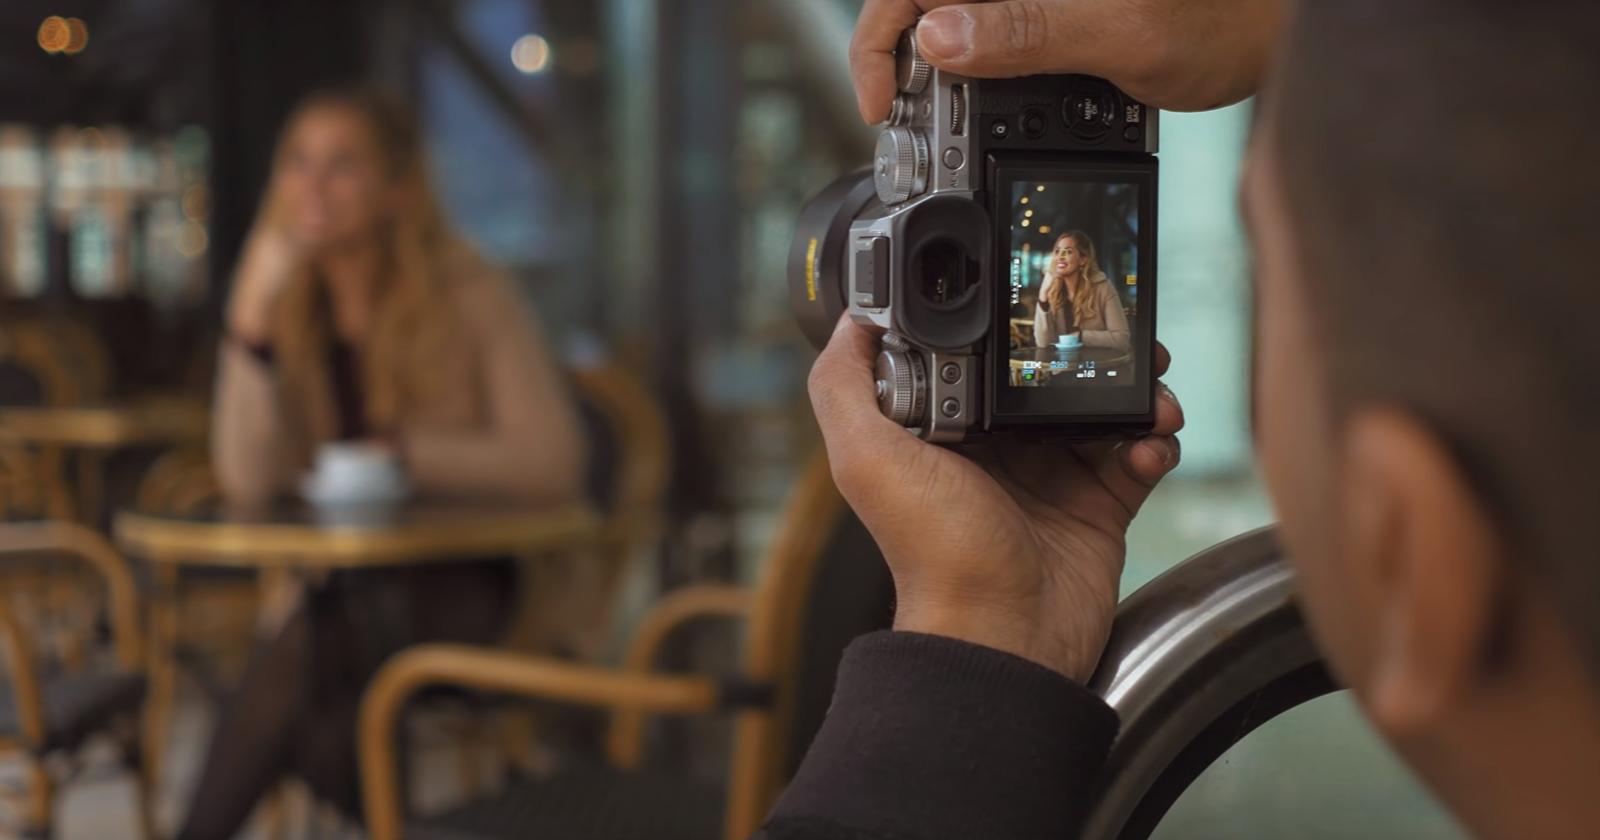 Portrait Lens Shootout: Fujifilm 56mm f/1.2 Vs Zeiss Batis 85mm f/1.8